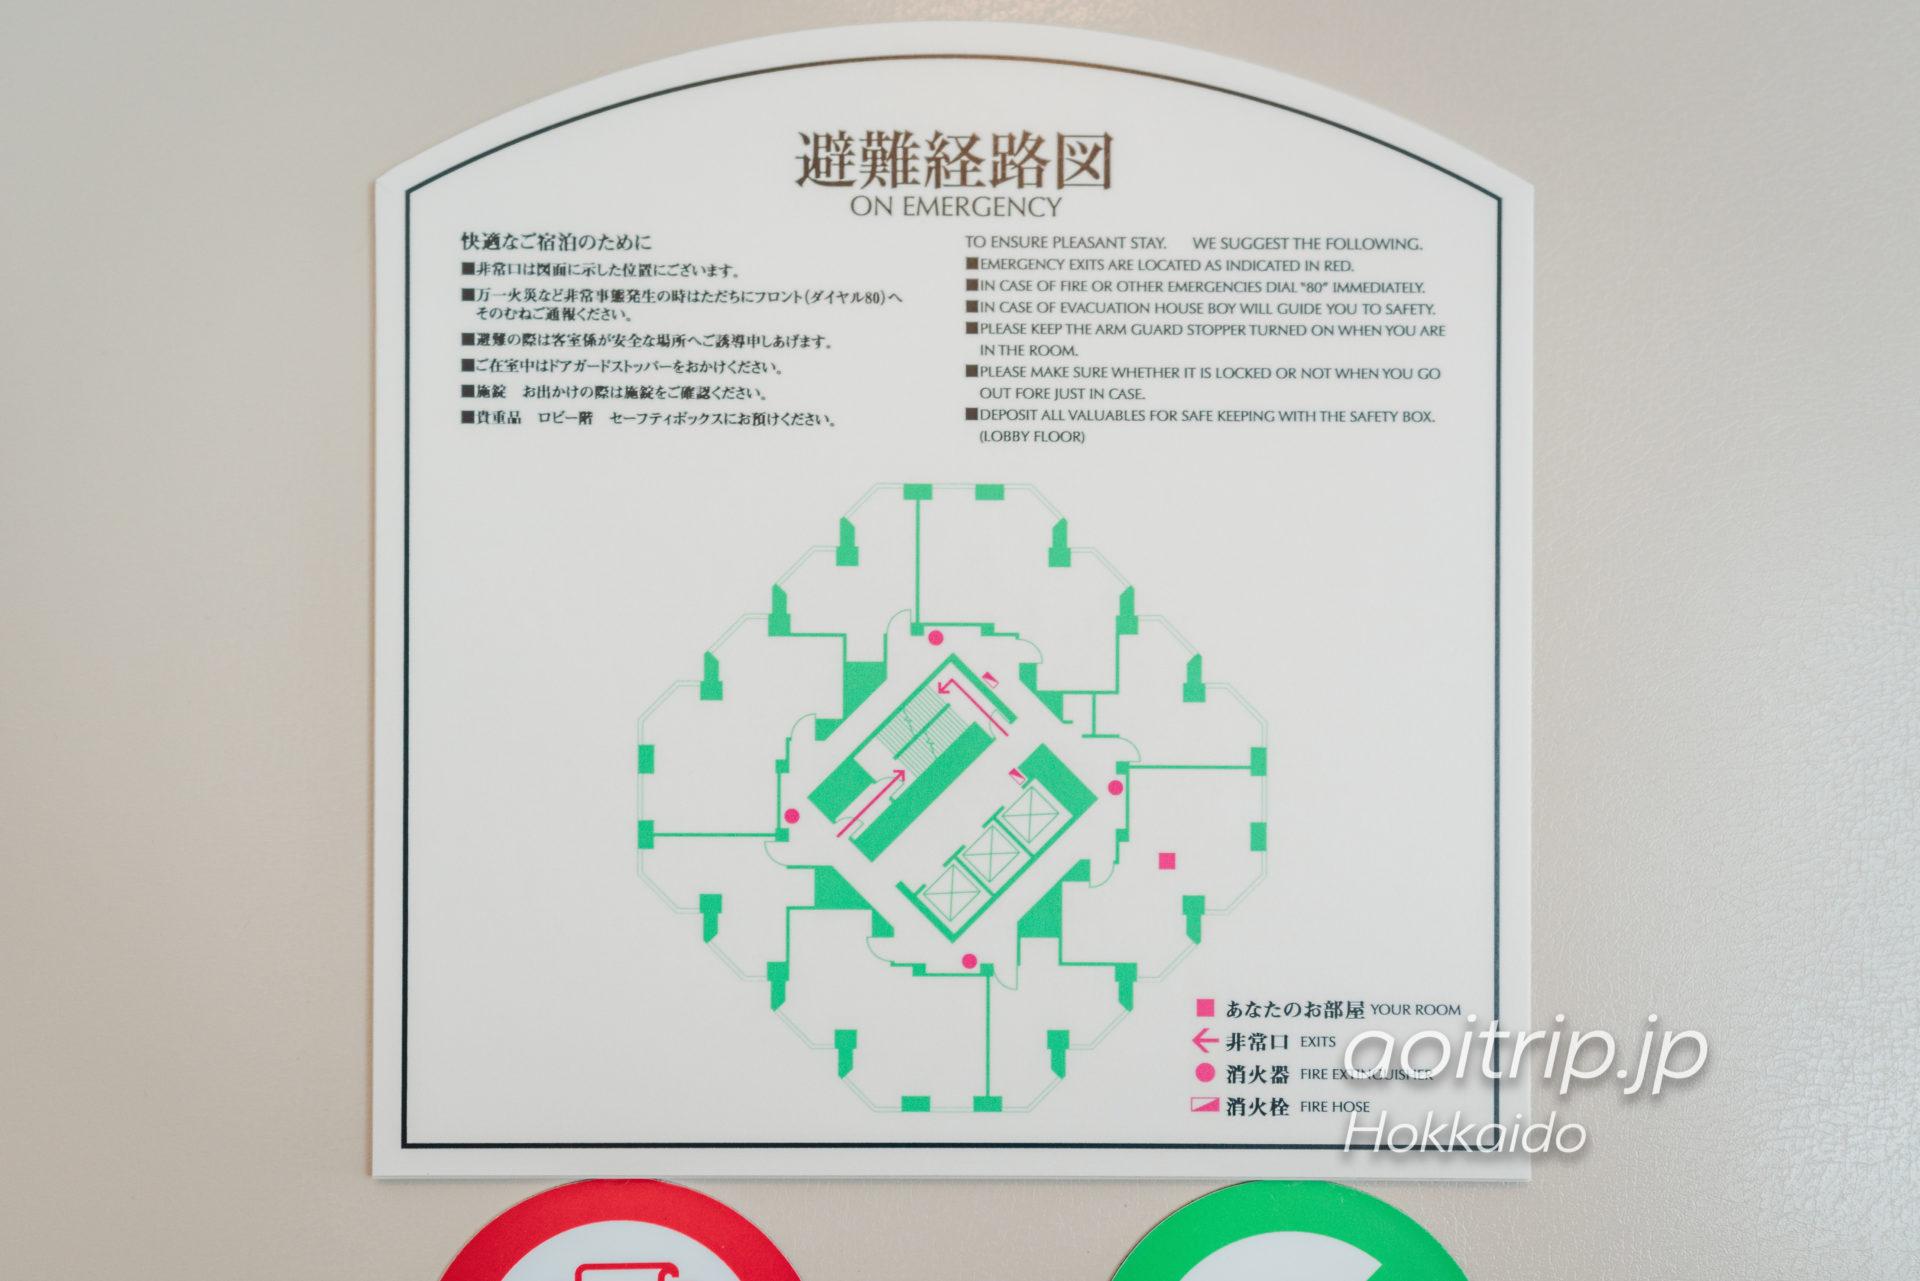 トマム・ザ・タワーの客室案内図